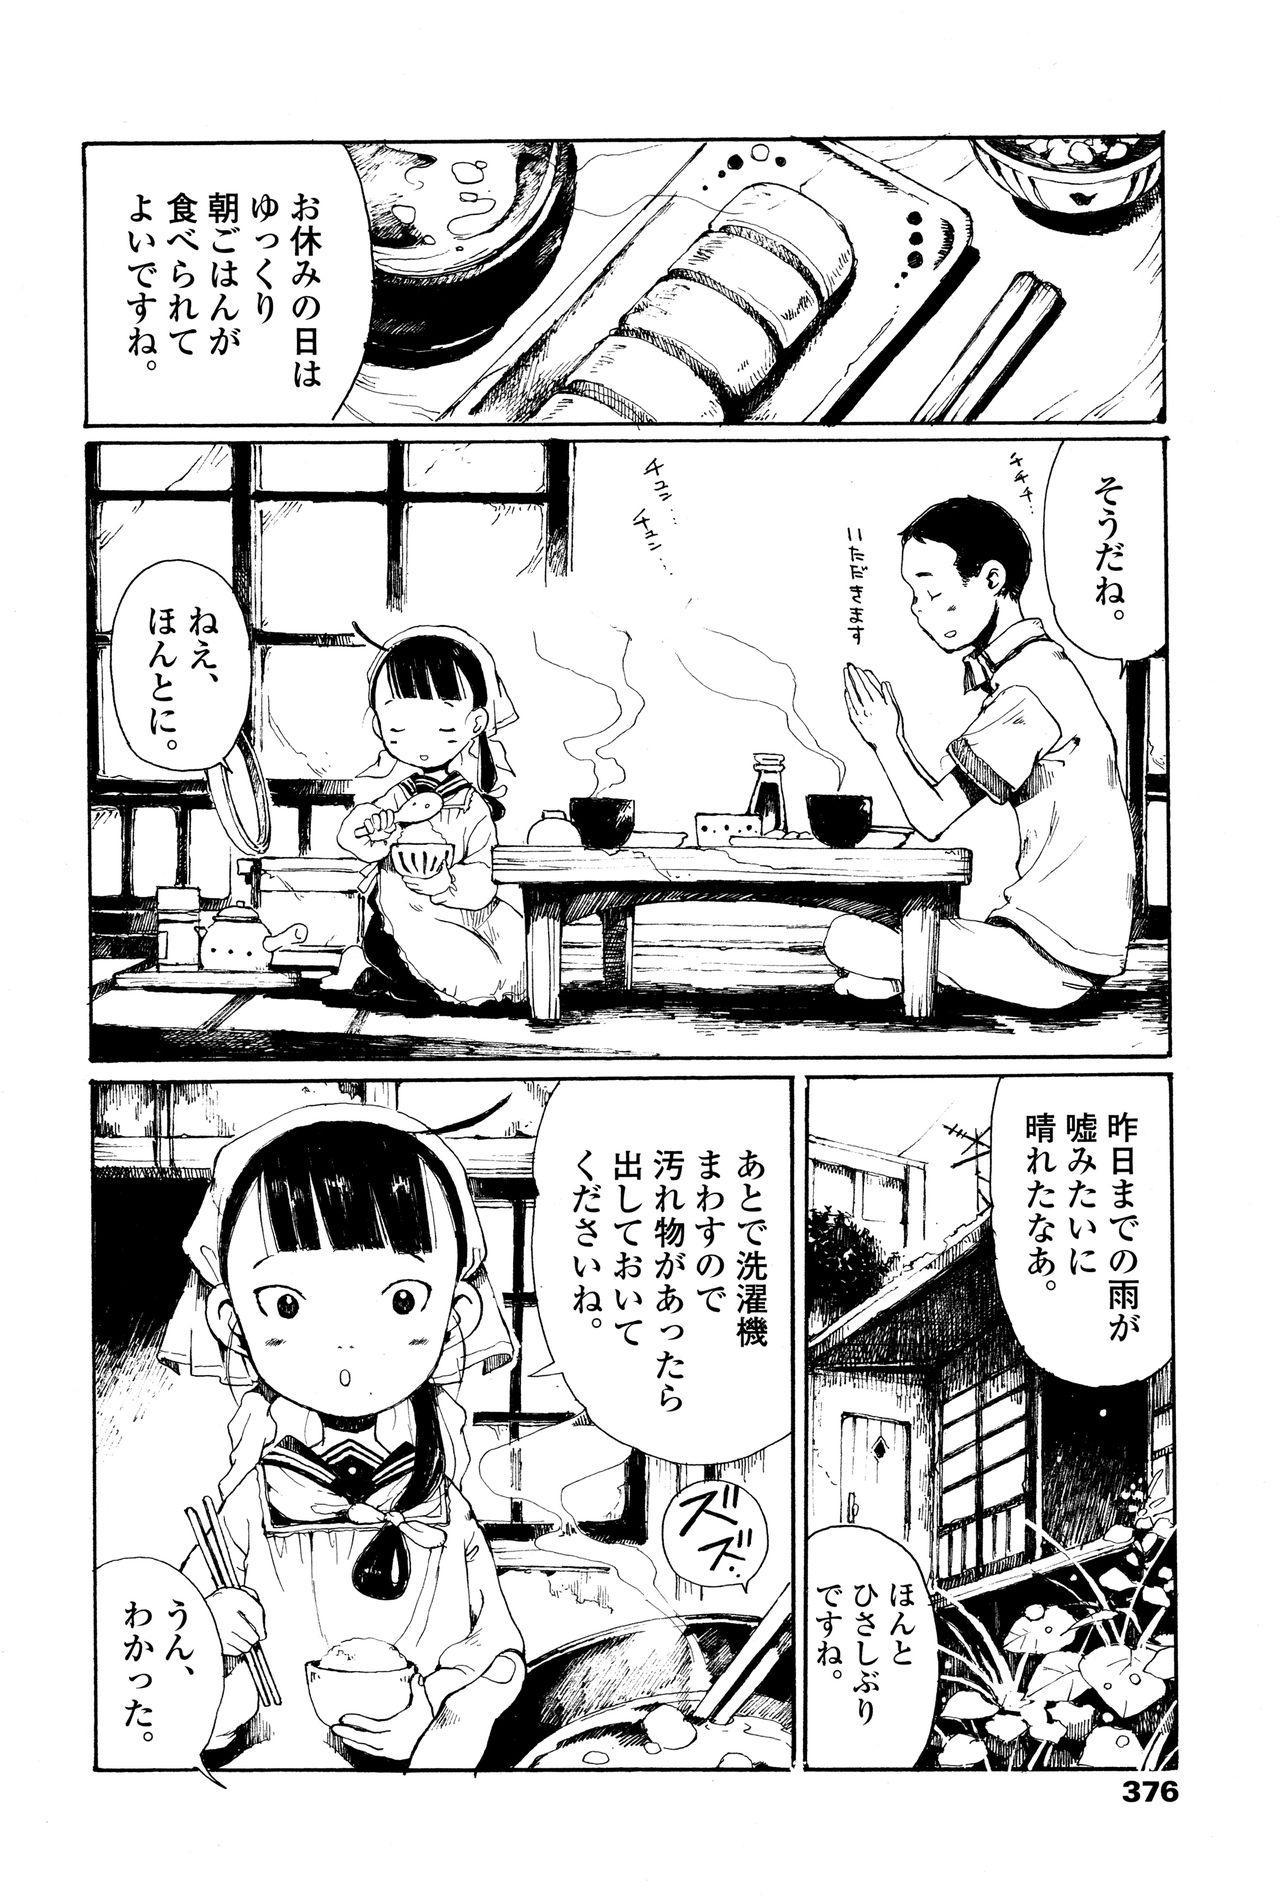 Towako Ichi 377